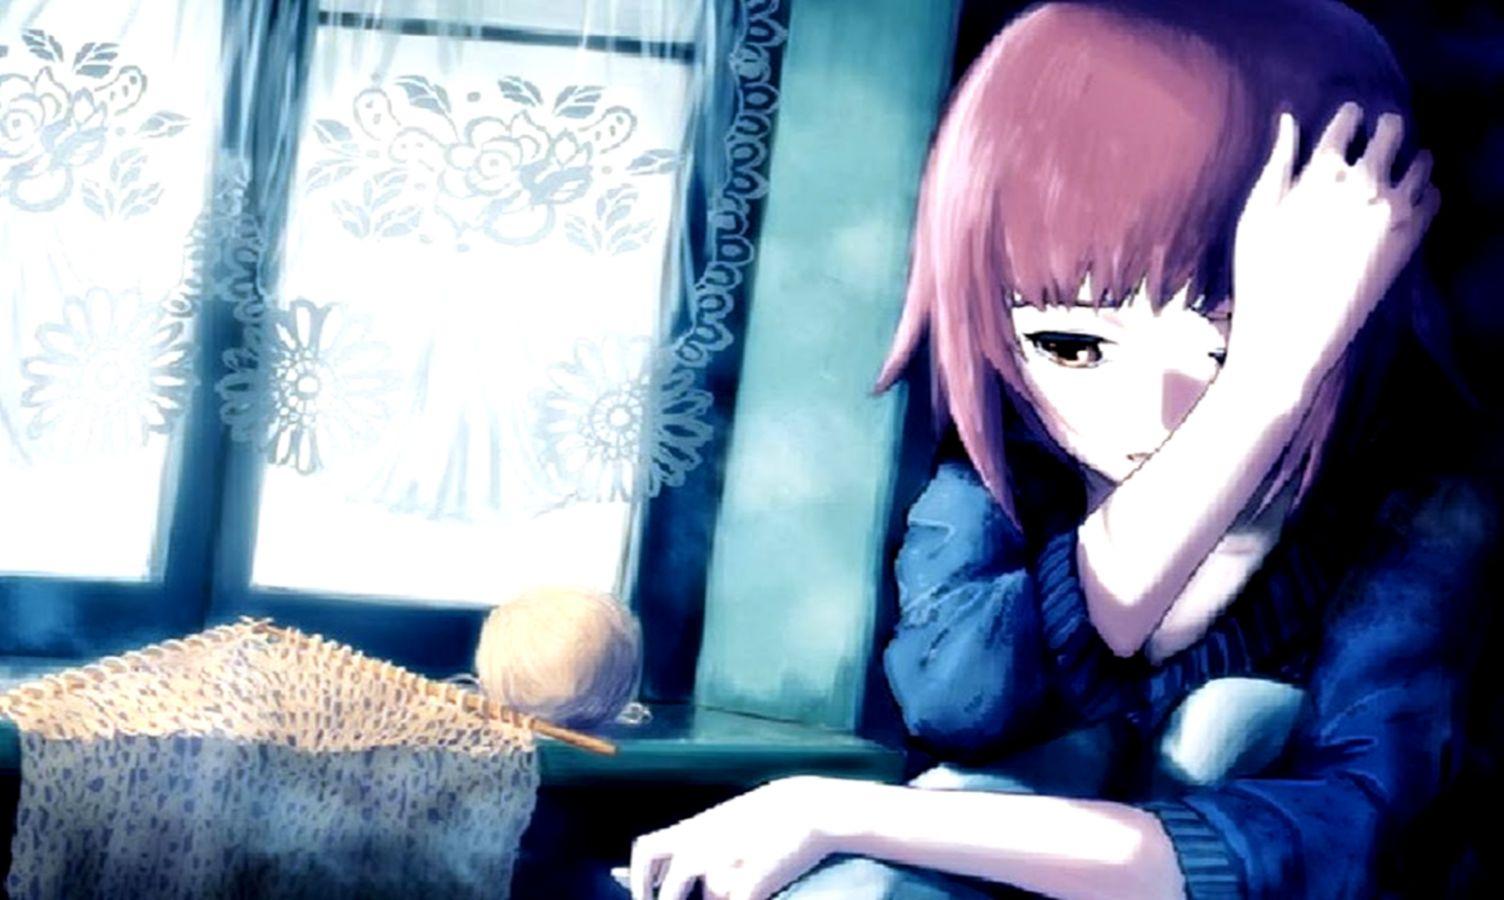 Anime girl sad and alone sad girl anime wallpaper for chainimage